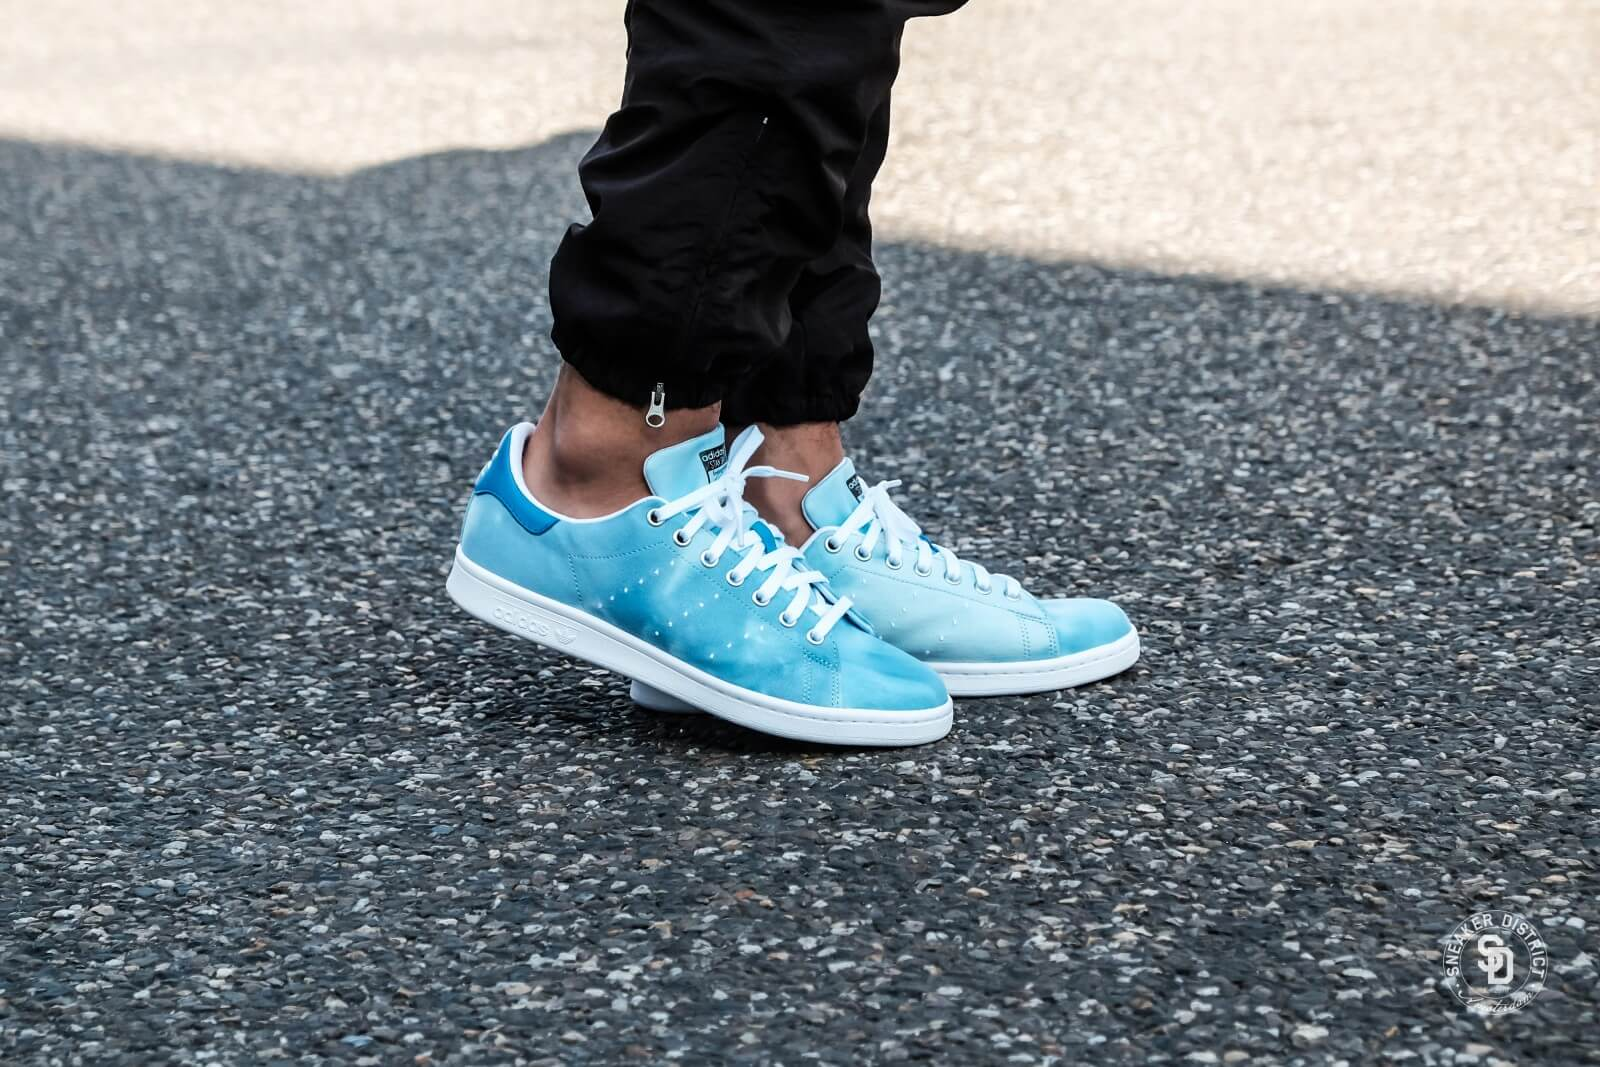 Adidas x Pharrell WIlliams HU HOLI Stan